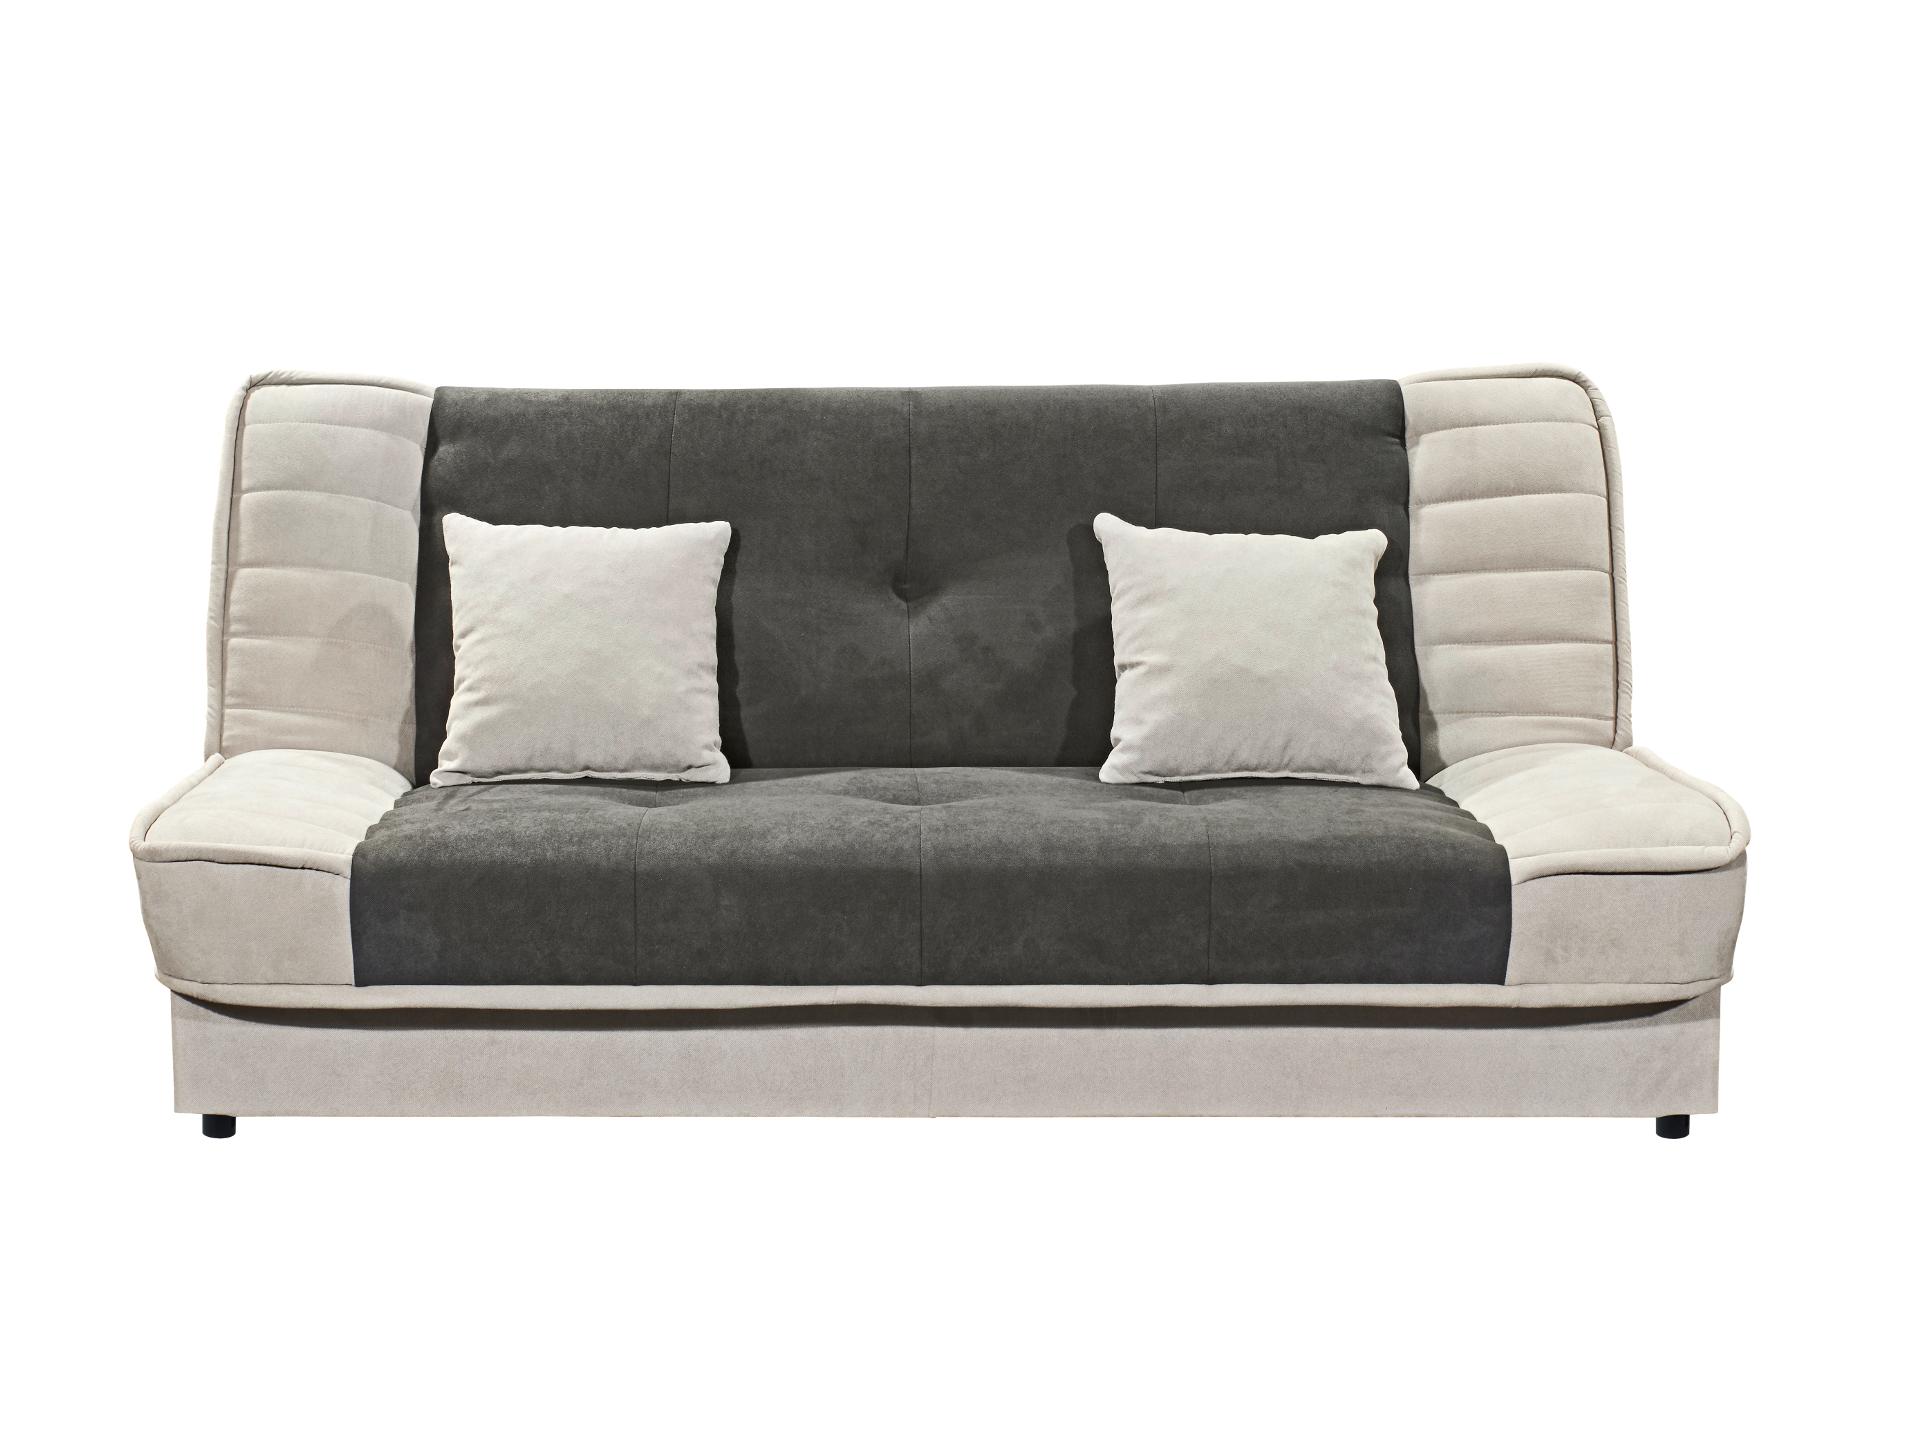 schlafsofa mit bettkasten zum ausziehen schnheit. Black Bedroom Furniture Sets. Home Design Ideas